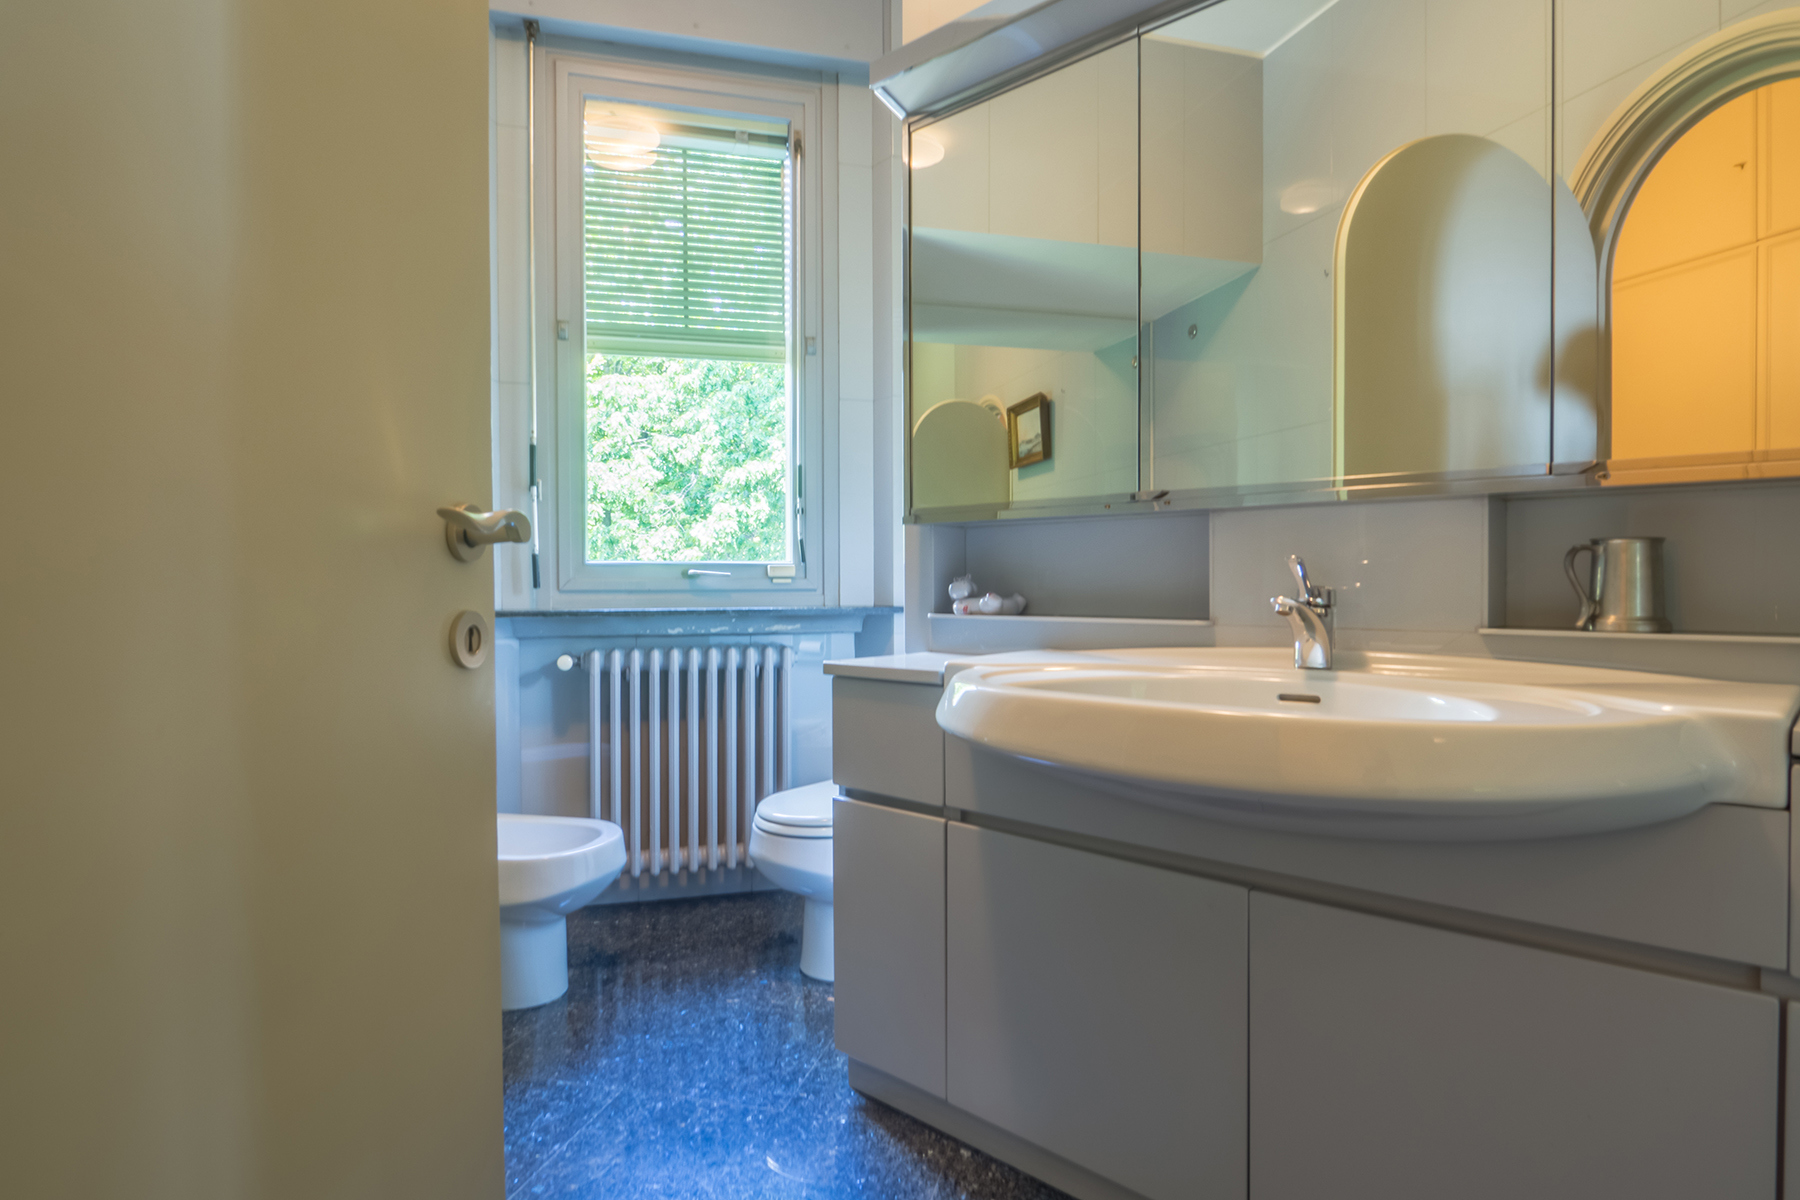 Appartamento in Vendita a Biella: 4 locali, 185 mq - Foto 9